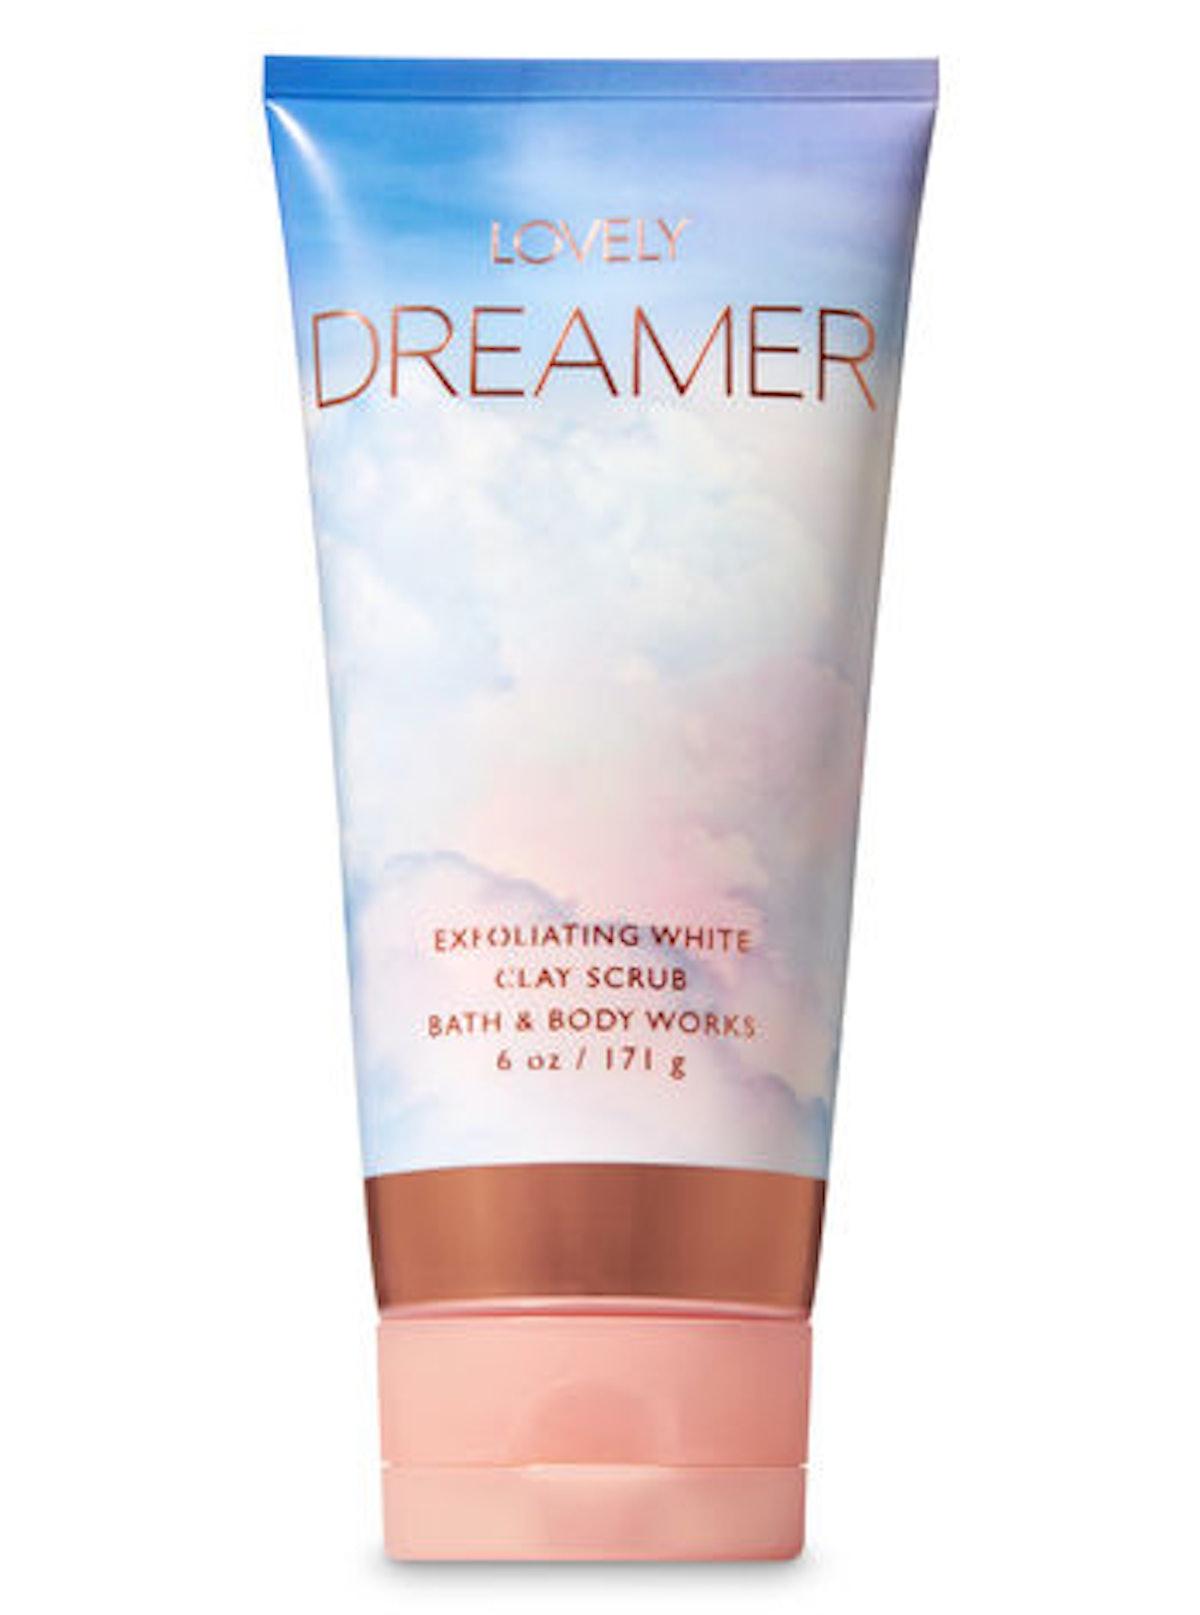 Lovely Dreamer Exfoliating White Clay Body Scrub